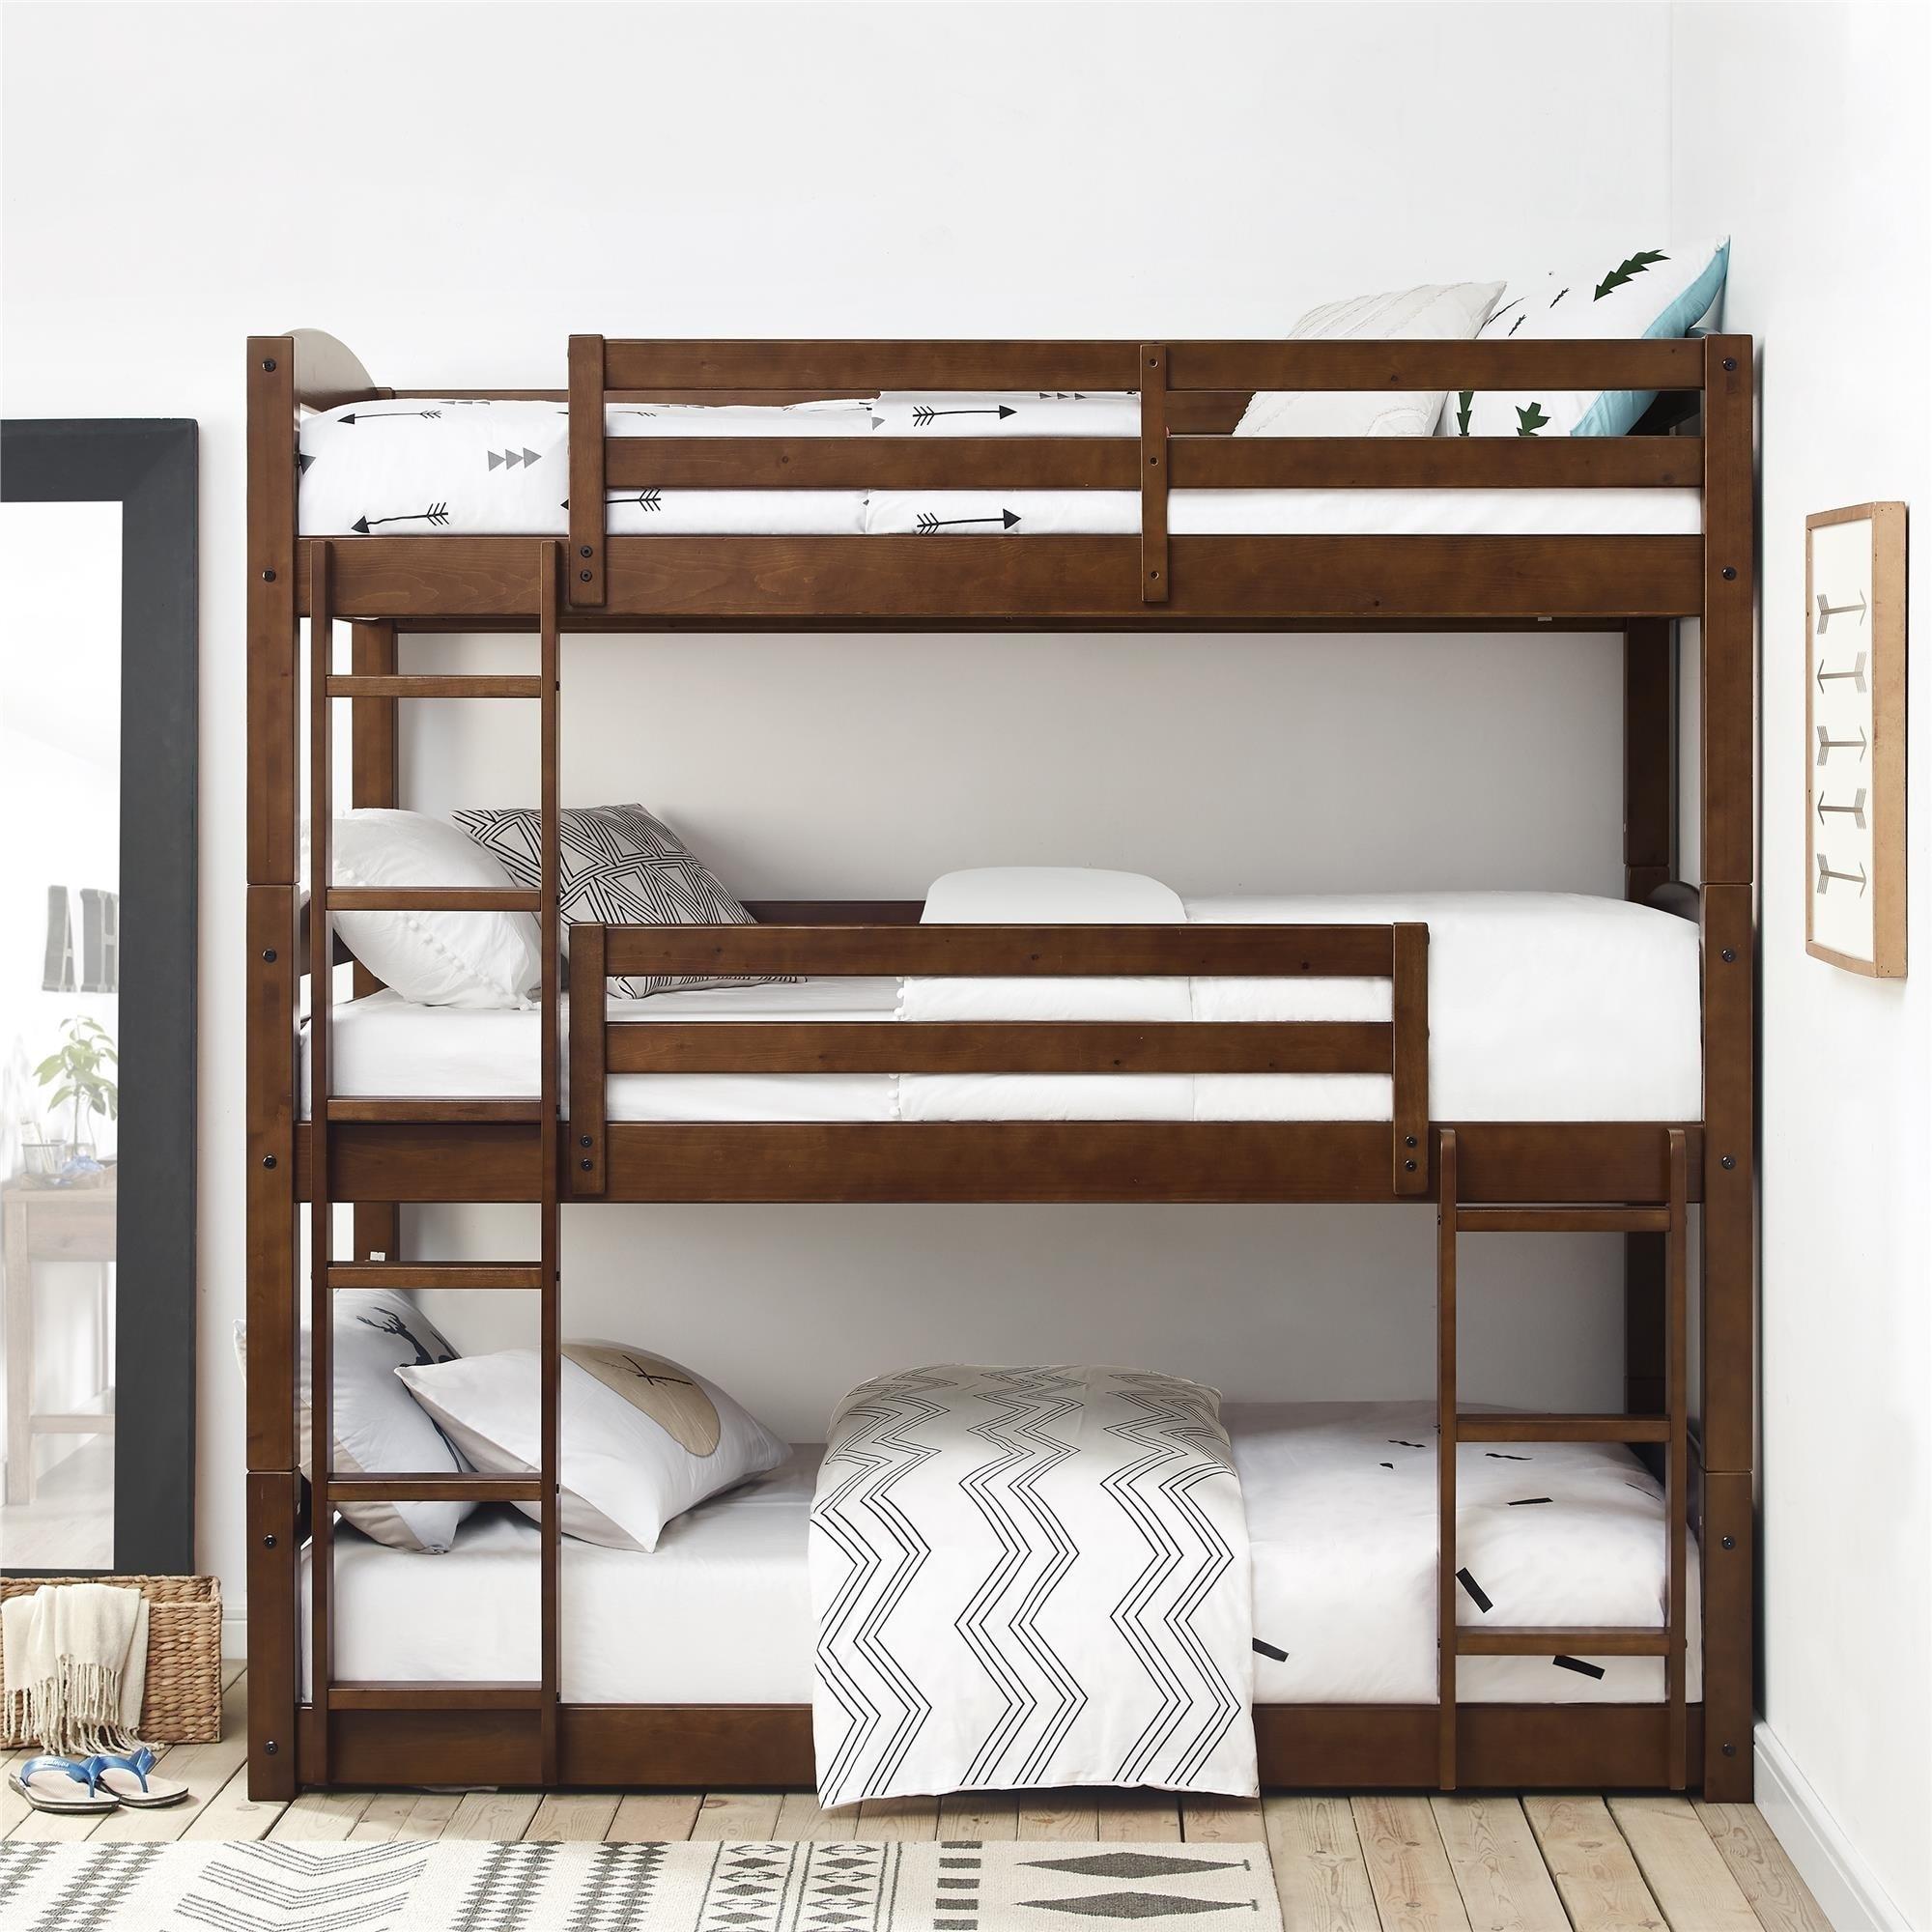 Kids' & Toddler Furniture | Find Great Furniture Deals Shopping at on teen bedroom desk, home bunk bed, teen bedroom chairs, office bunk bed, teen bedroom lamp, bedding bunk bed, teen bedroom mirror, teen bedroom loveseat, girls room bunk bed, sleep bunk bed, studio bunk bed, teen boy bedroom, garage bunk bed, furniture bunk bed, teen bedroom vanity, teen bedroom bathroom, closet bunk bed, family bunk bed, lamps bunk bed, teen bedroom loft,